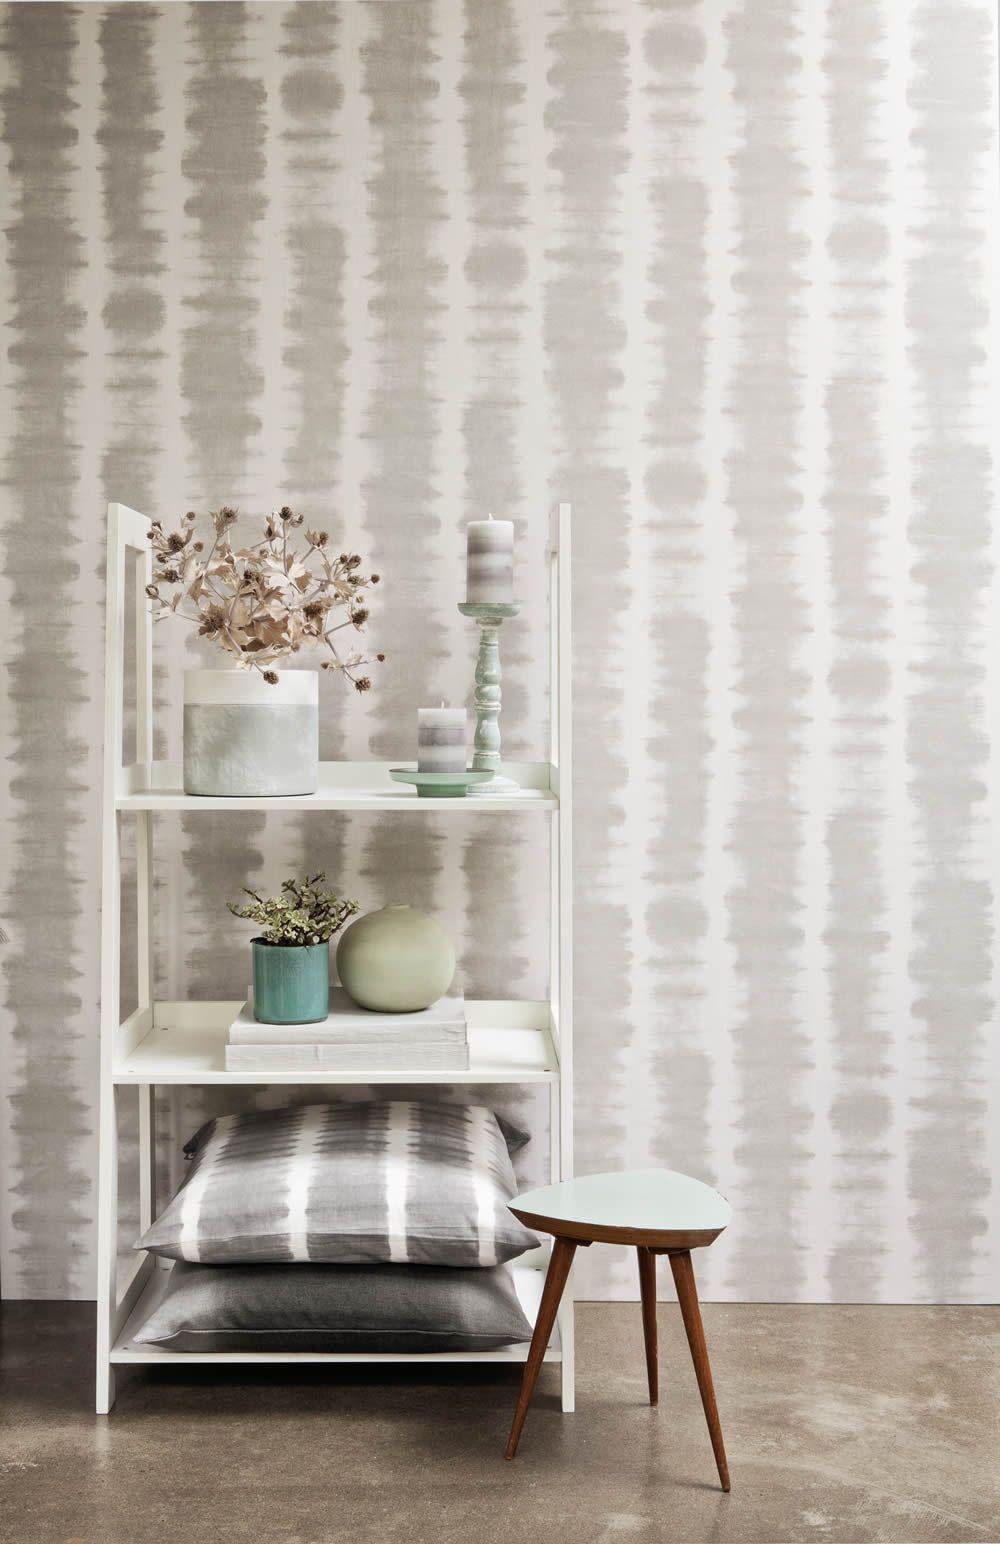 12 nomadics 15 der graue farbverlauf der vliestapete sorgt f r ein kreatives aussehen im flur. Black Bedroom Furniture Sets. Home Design Ideas